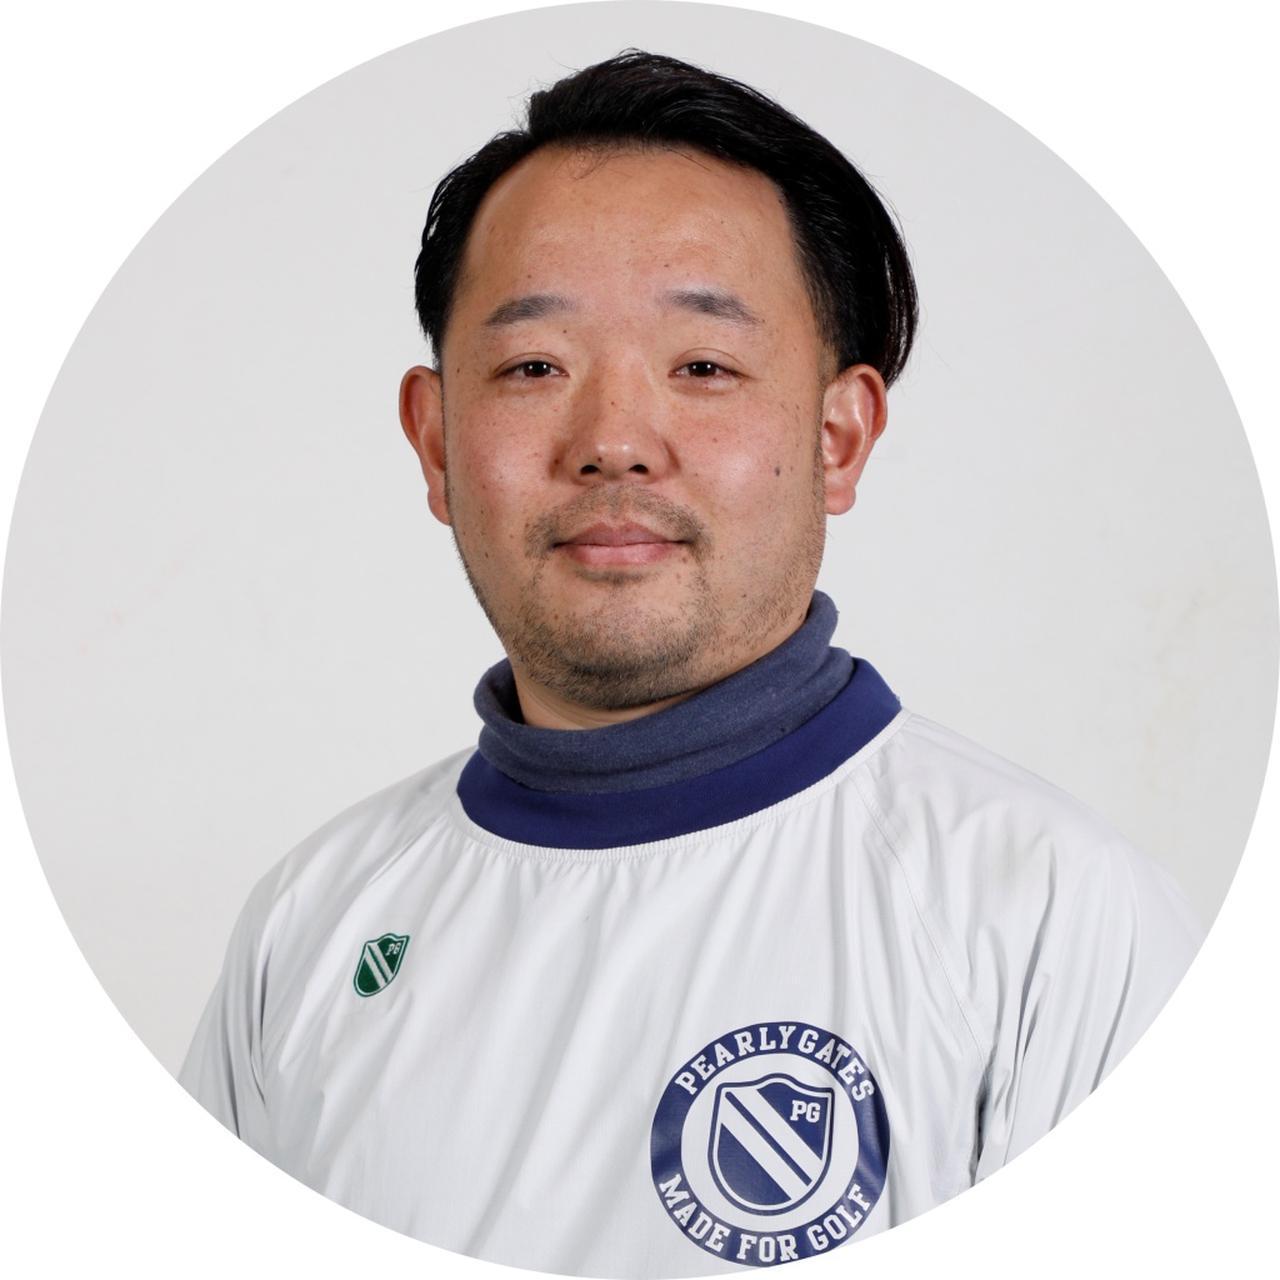 画像: 【解説】二見悠嗣プロ 上智大学で心理学を学び、卒業後の23歳からゴルフを始めて脱サラしPGAティーチングプロ資格を取得した異色プロ。メンタル面を重視したコーチングを得意とする